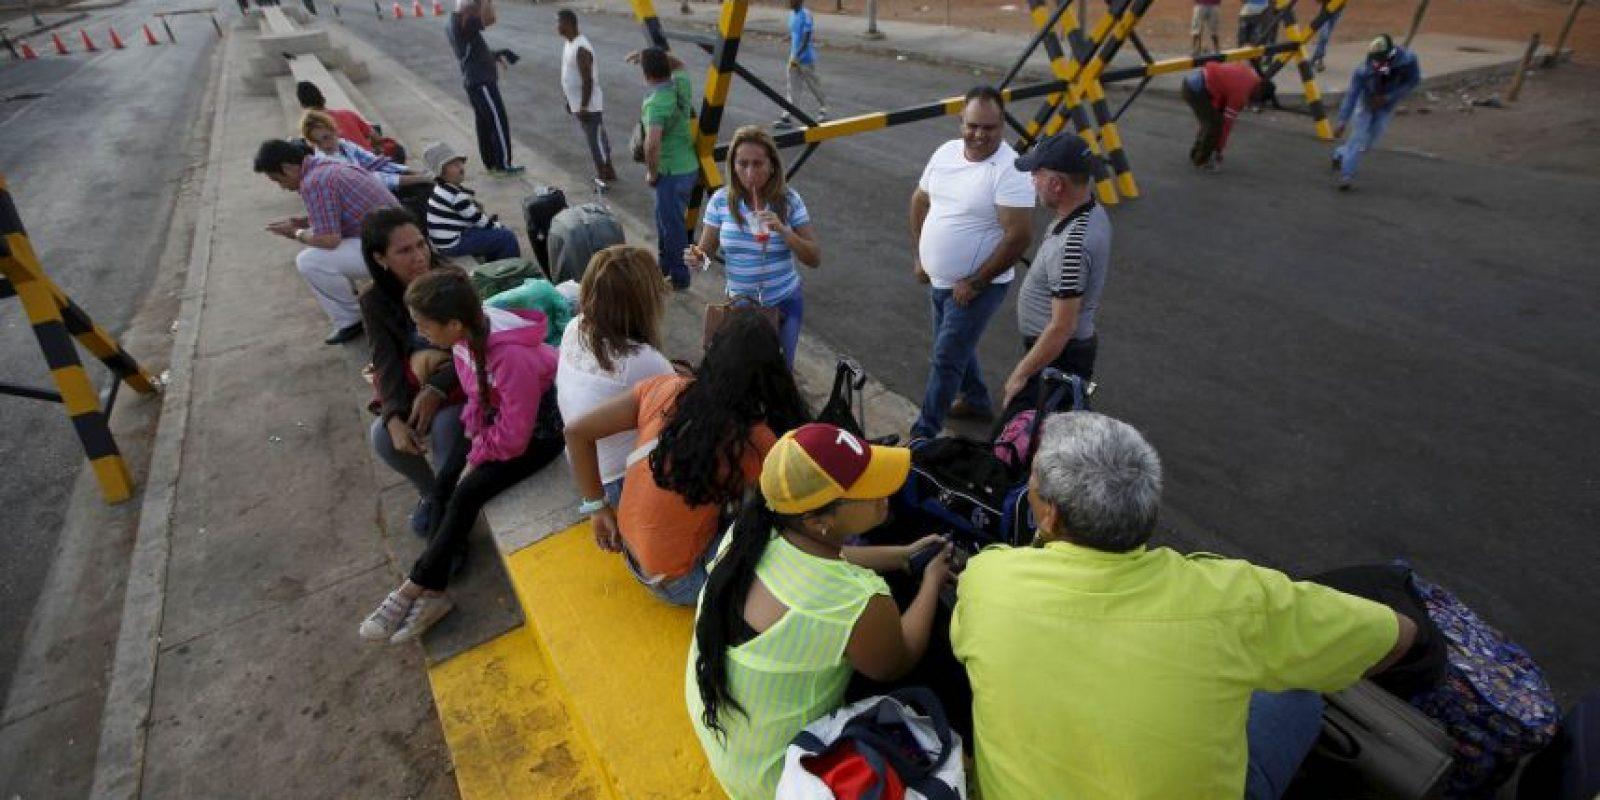 Por otro lado, en Cúcuta, Colombia, comenzó una escasez de combustibles Foto:AP